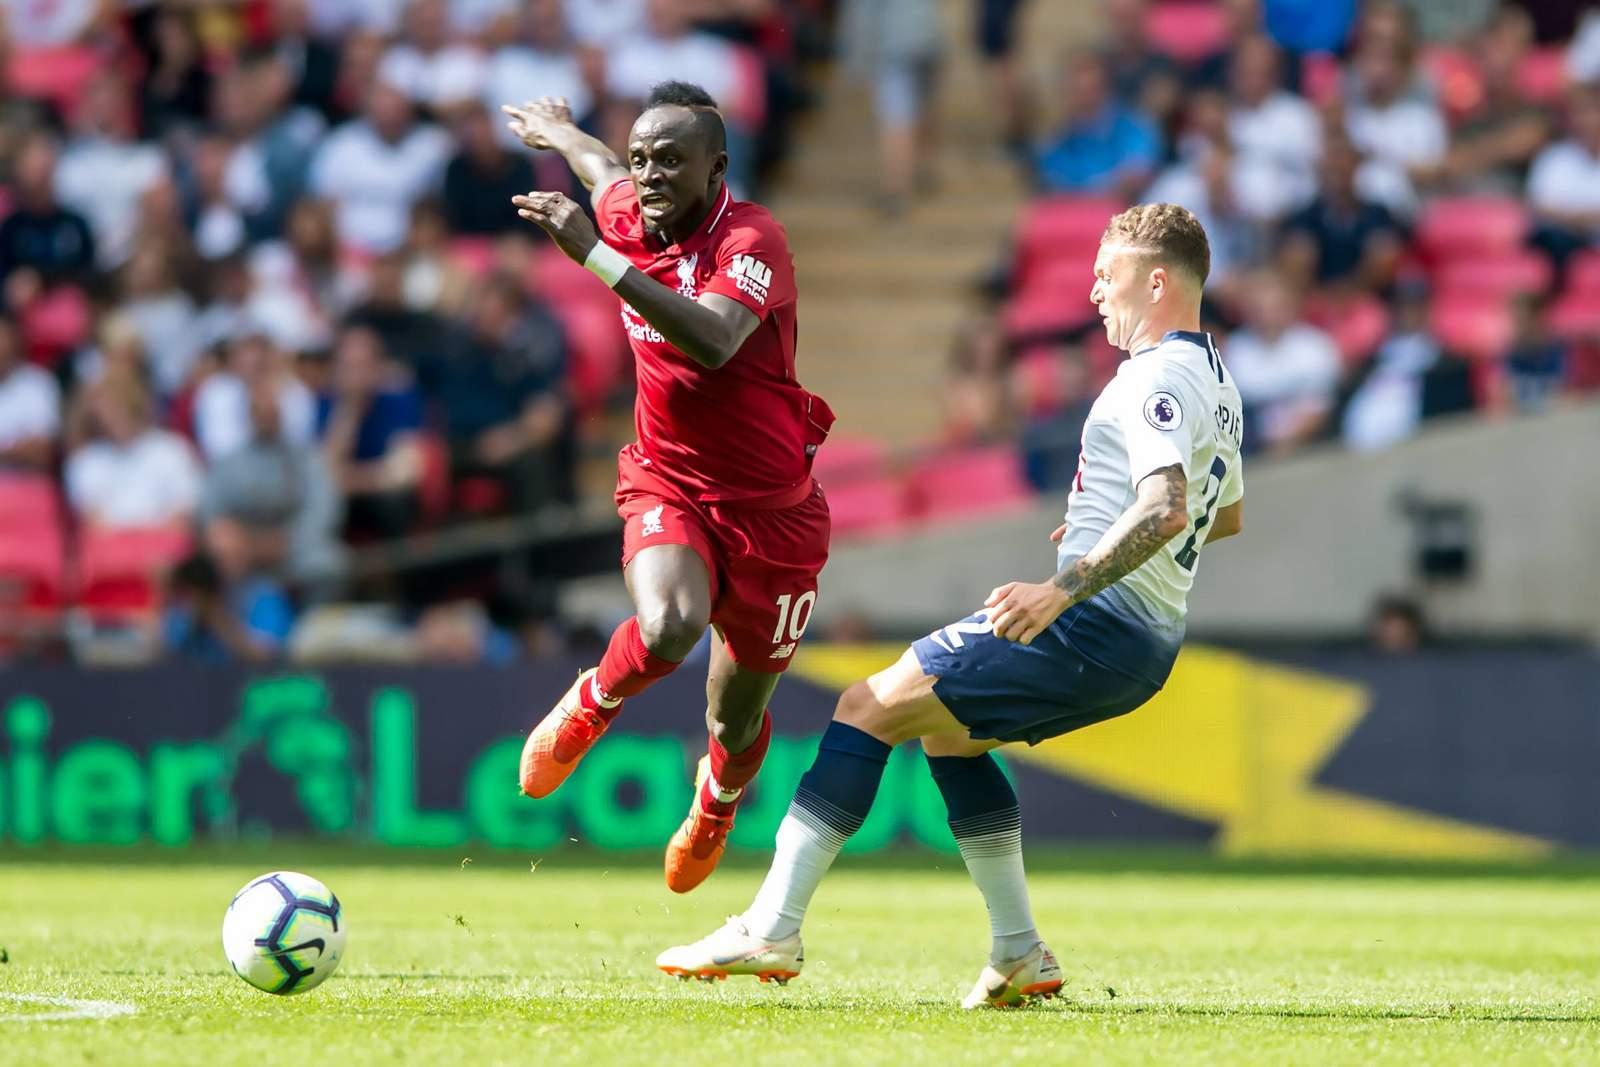 Setzt sich Mane wieder Trippier durch? Jetzt auf Liverpool gegen Tottenham wetten